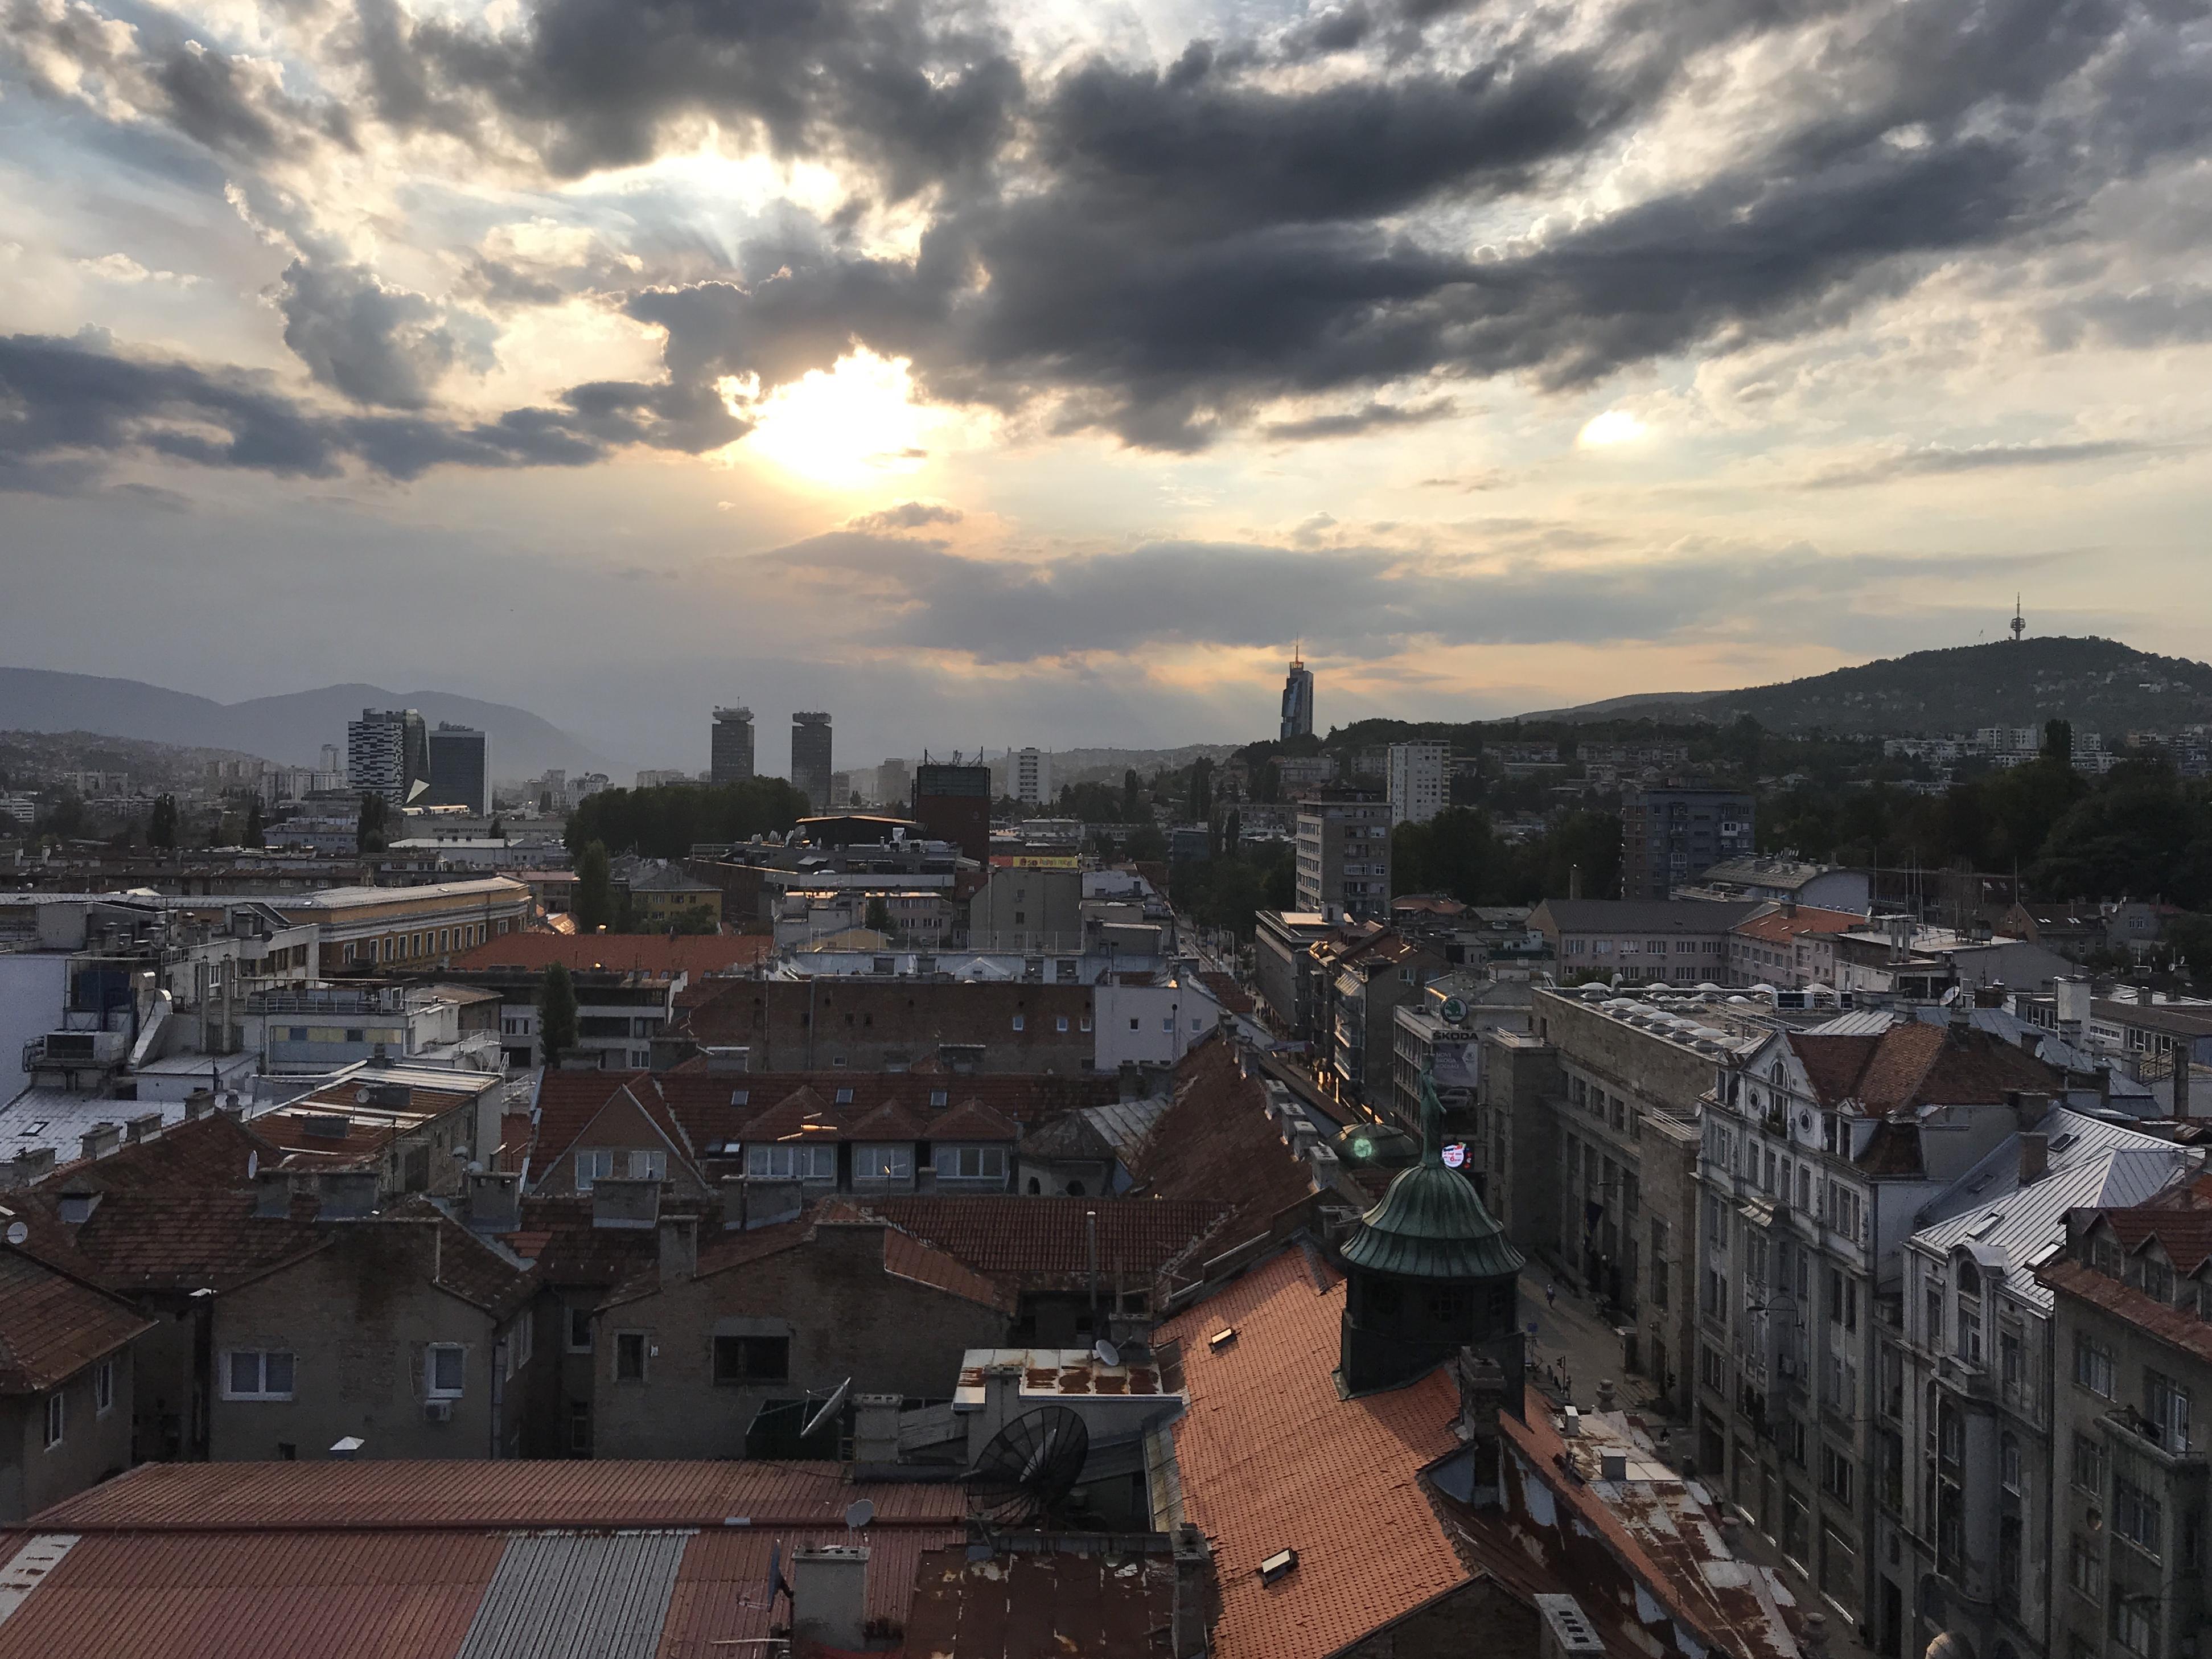 Sunset in Sarajevo